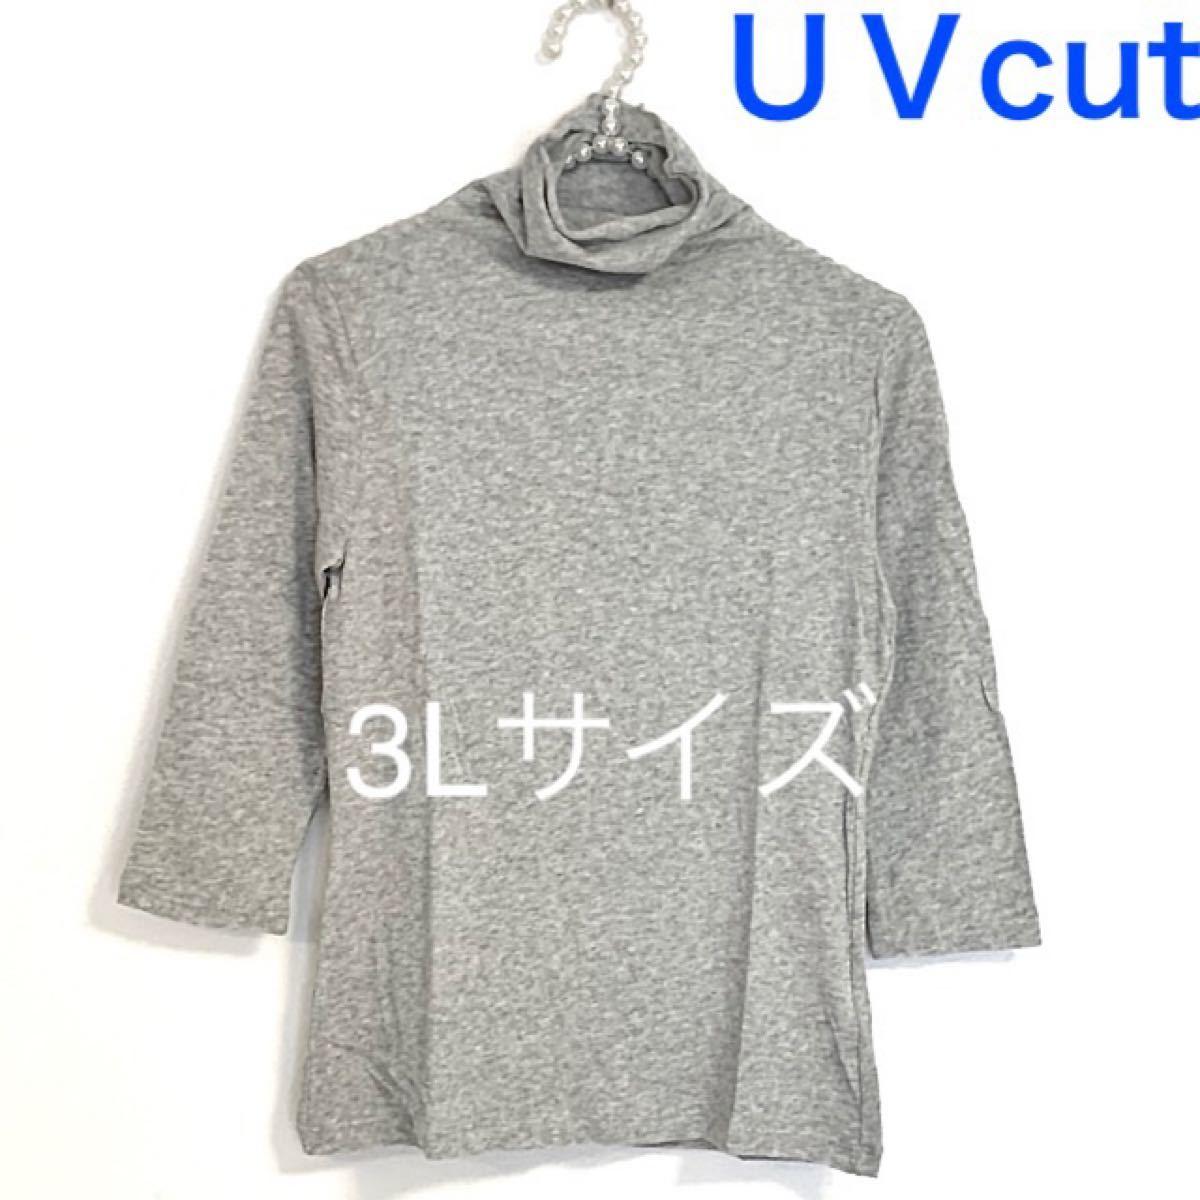 7分袖【3Lサイズ】杢グレー★UVカットハイネックカットソー